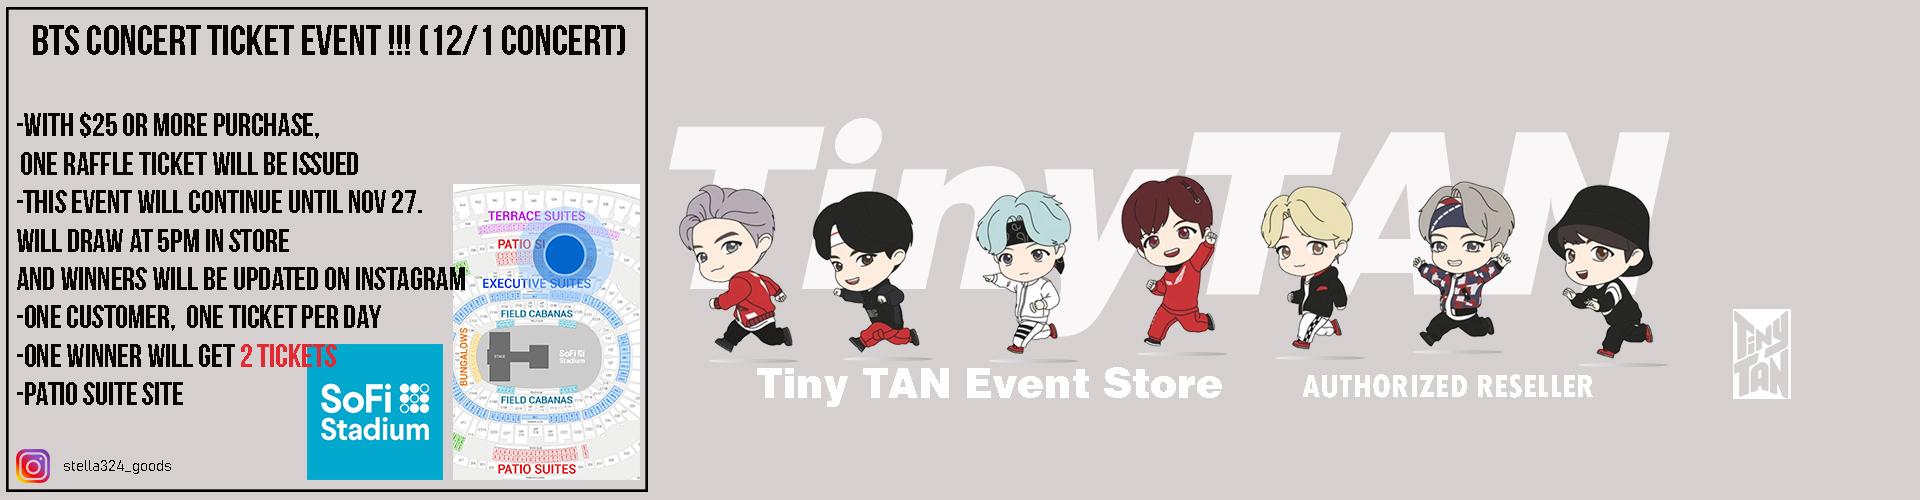 STELLA324 Main Banner 2 - BTS Concert Event